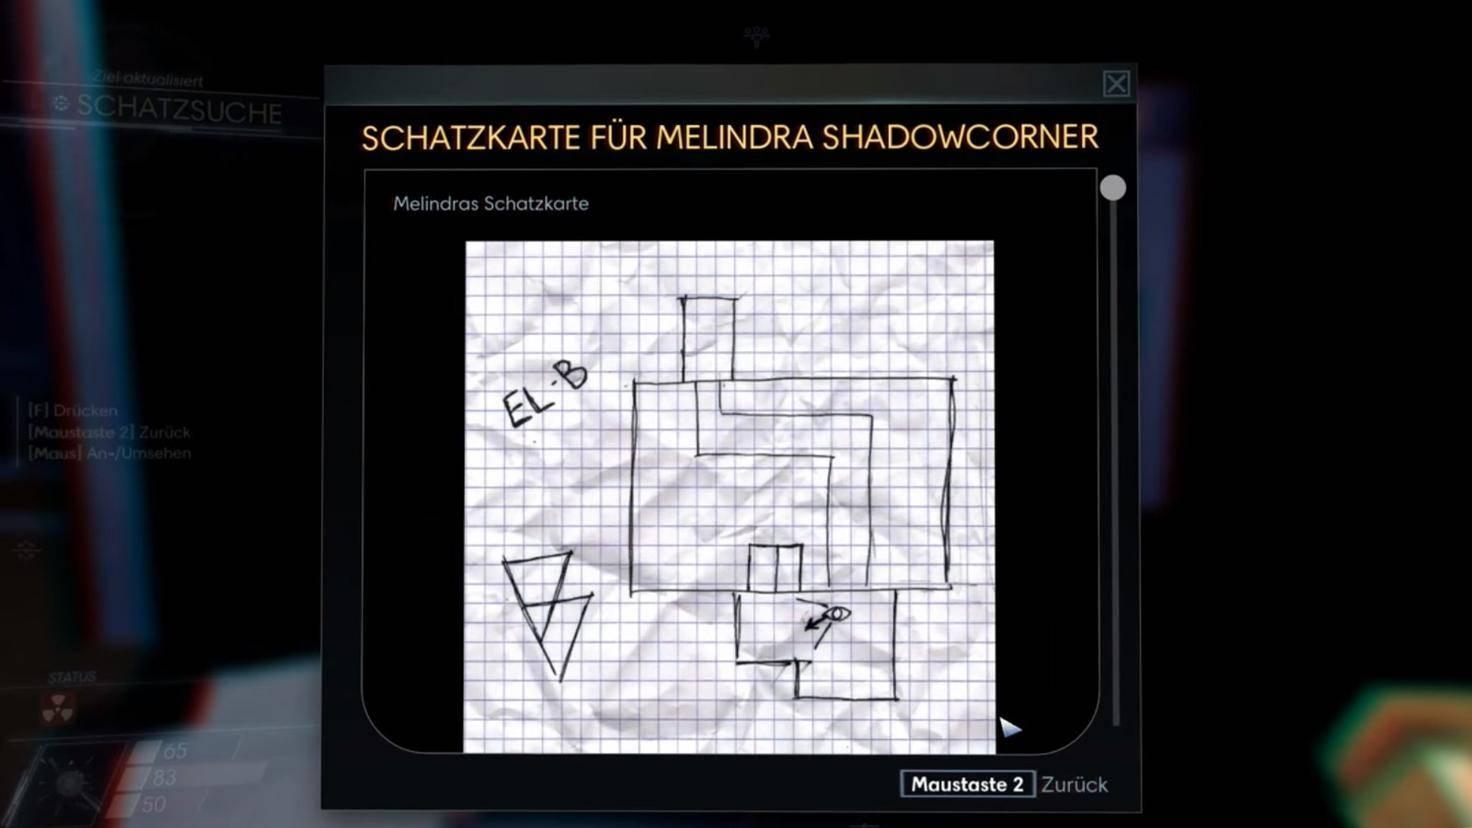 Die Schatzkarte von Danielle Sho zeigt die Tankanlage. Dort findest Du an der Wand die Ziffer 1.